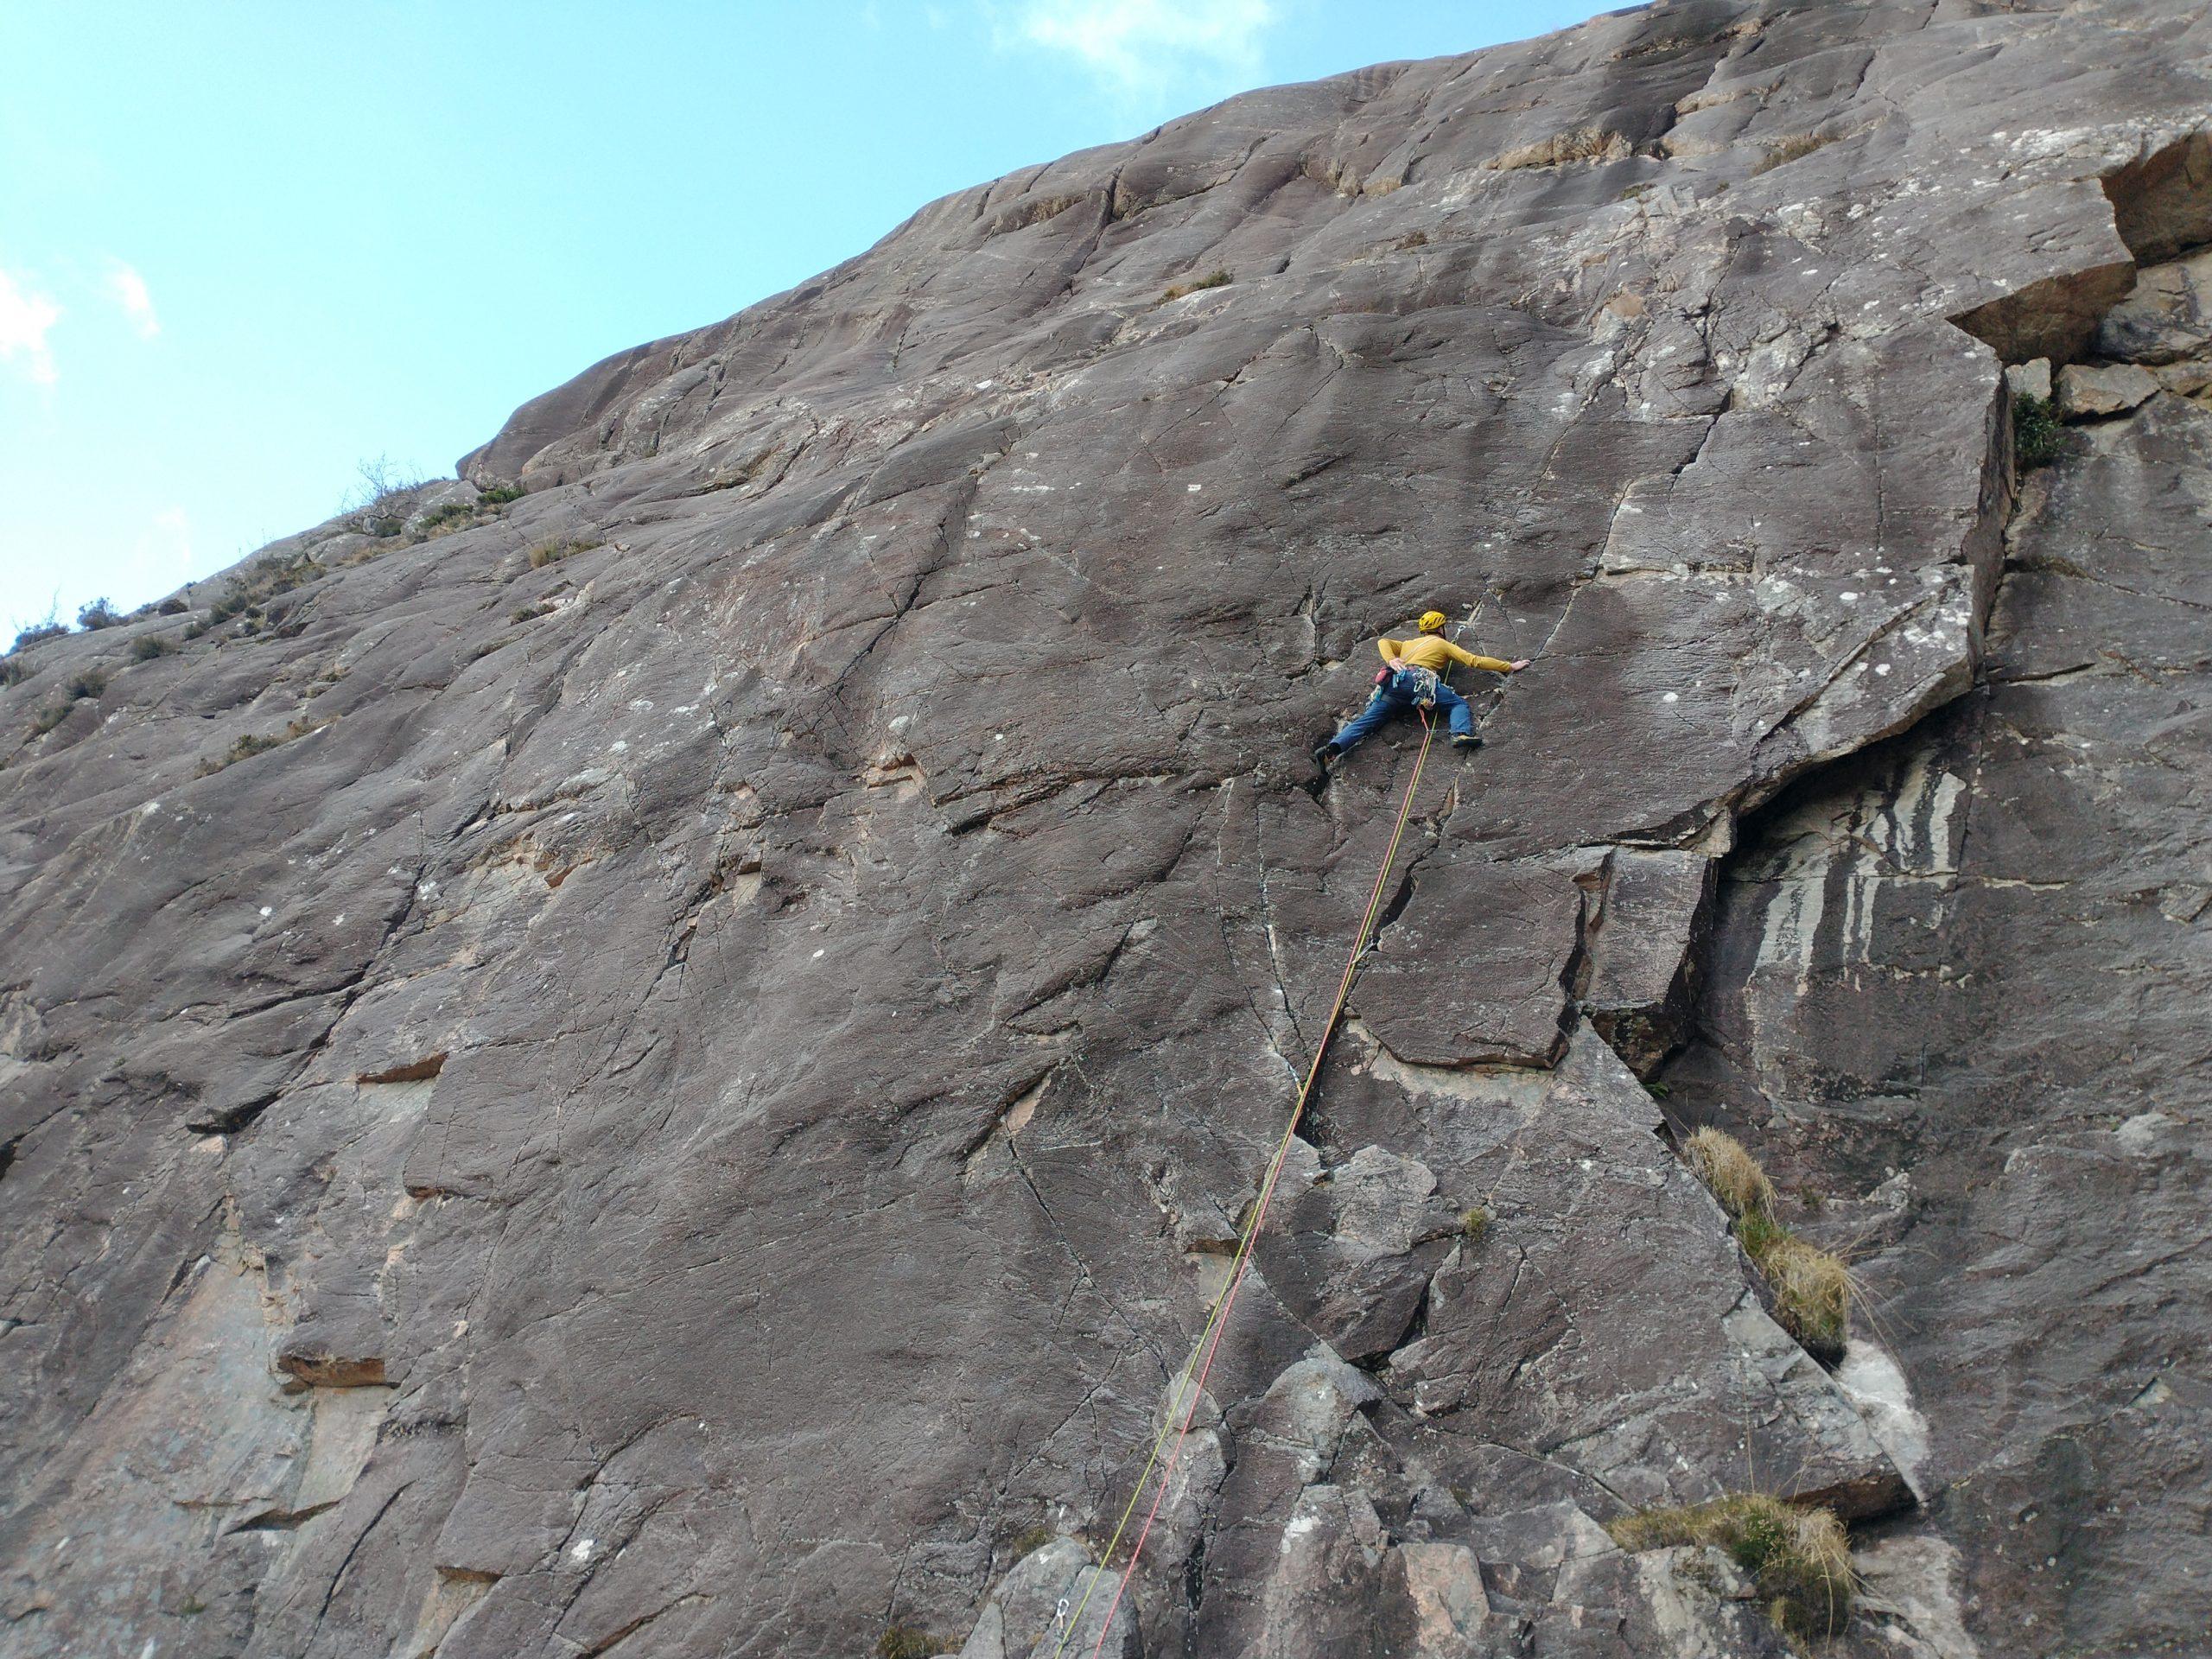 Guided Climbing on the Main Wall at Diabaig